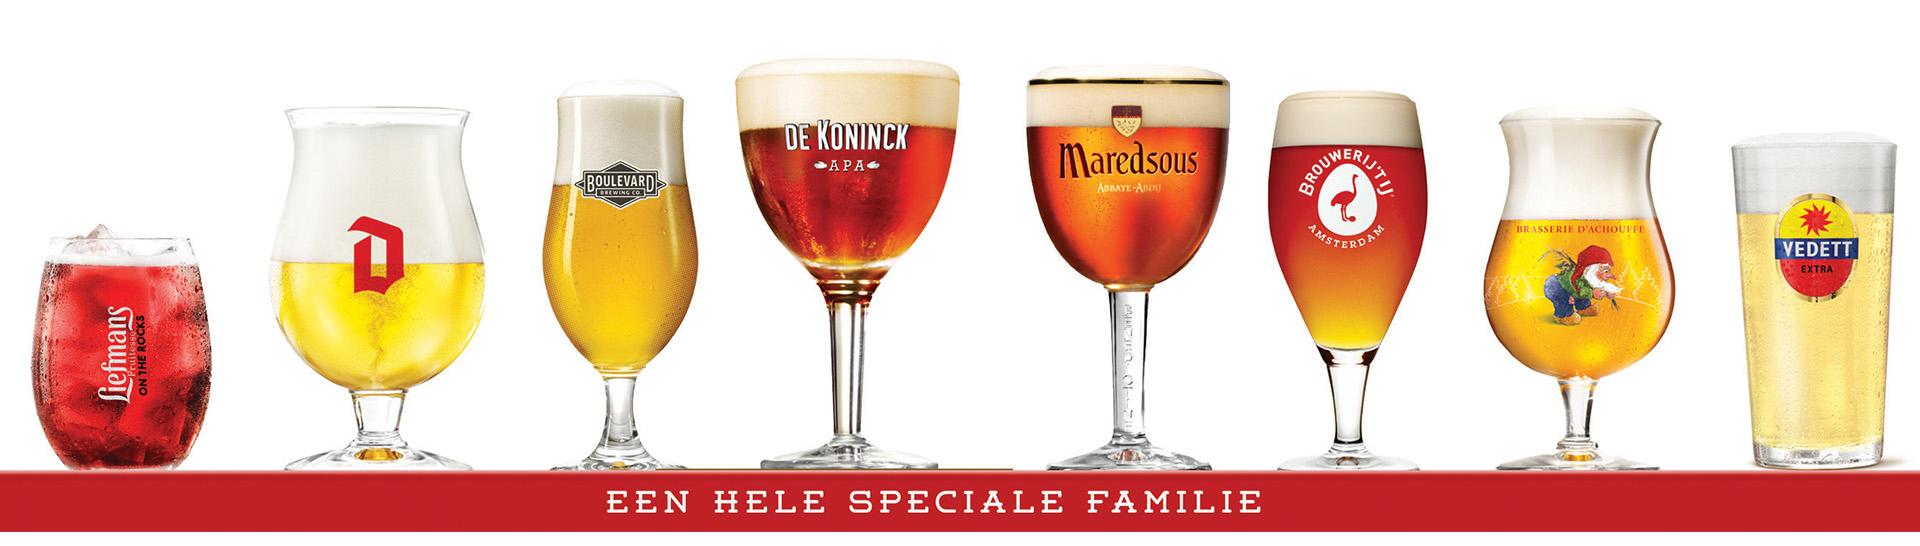 nectar-utrecht-pils-bier-brouwerij-belgië-duvel-moortgat-assortiment